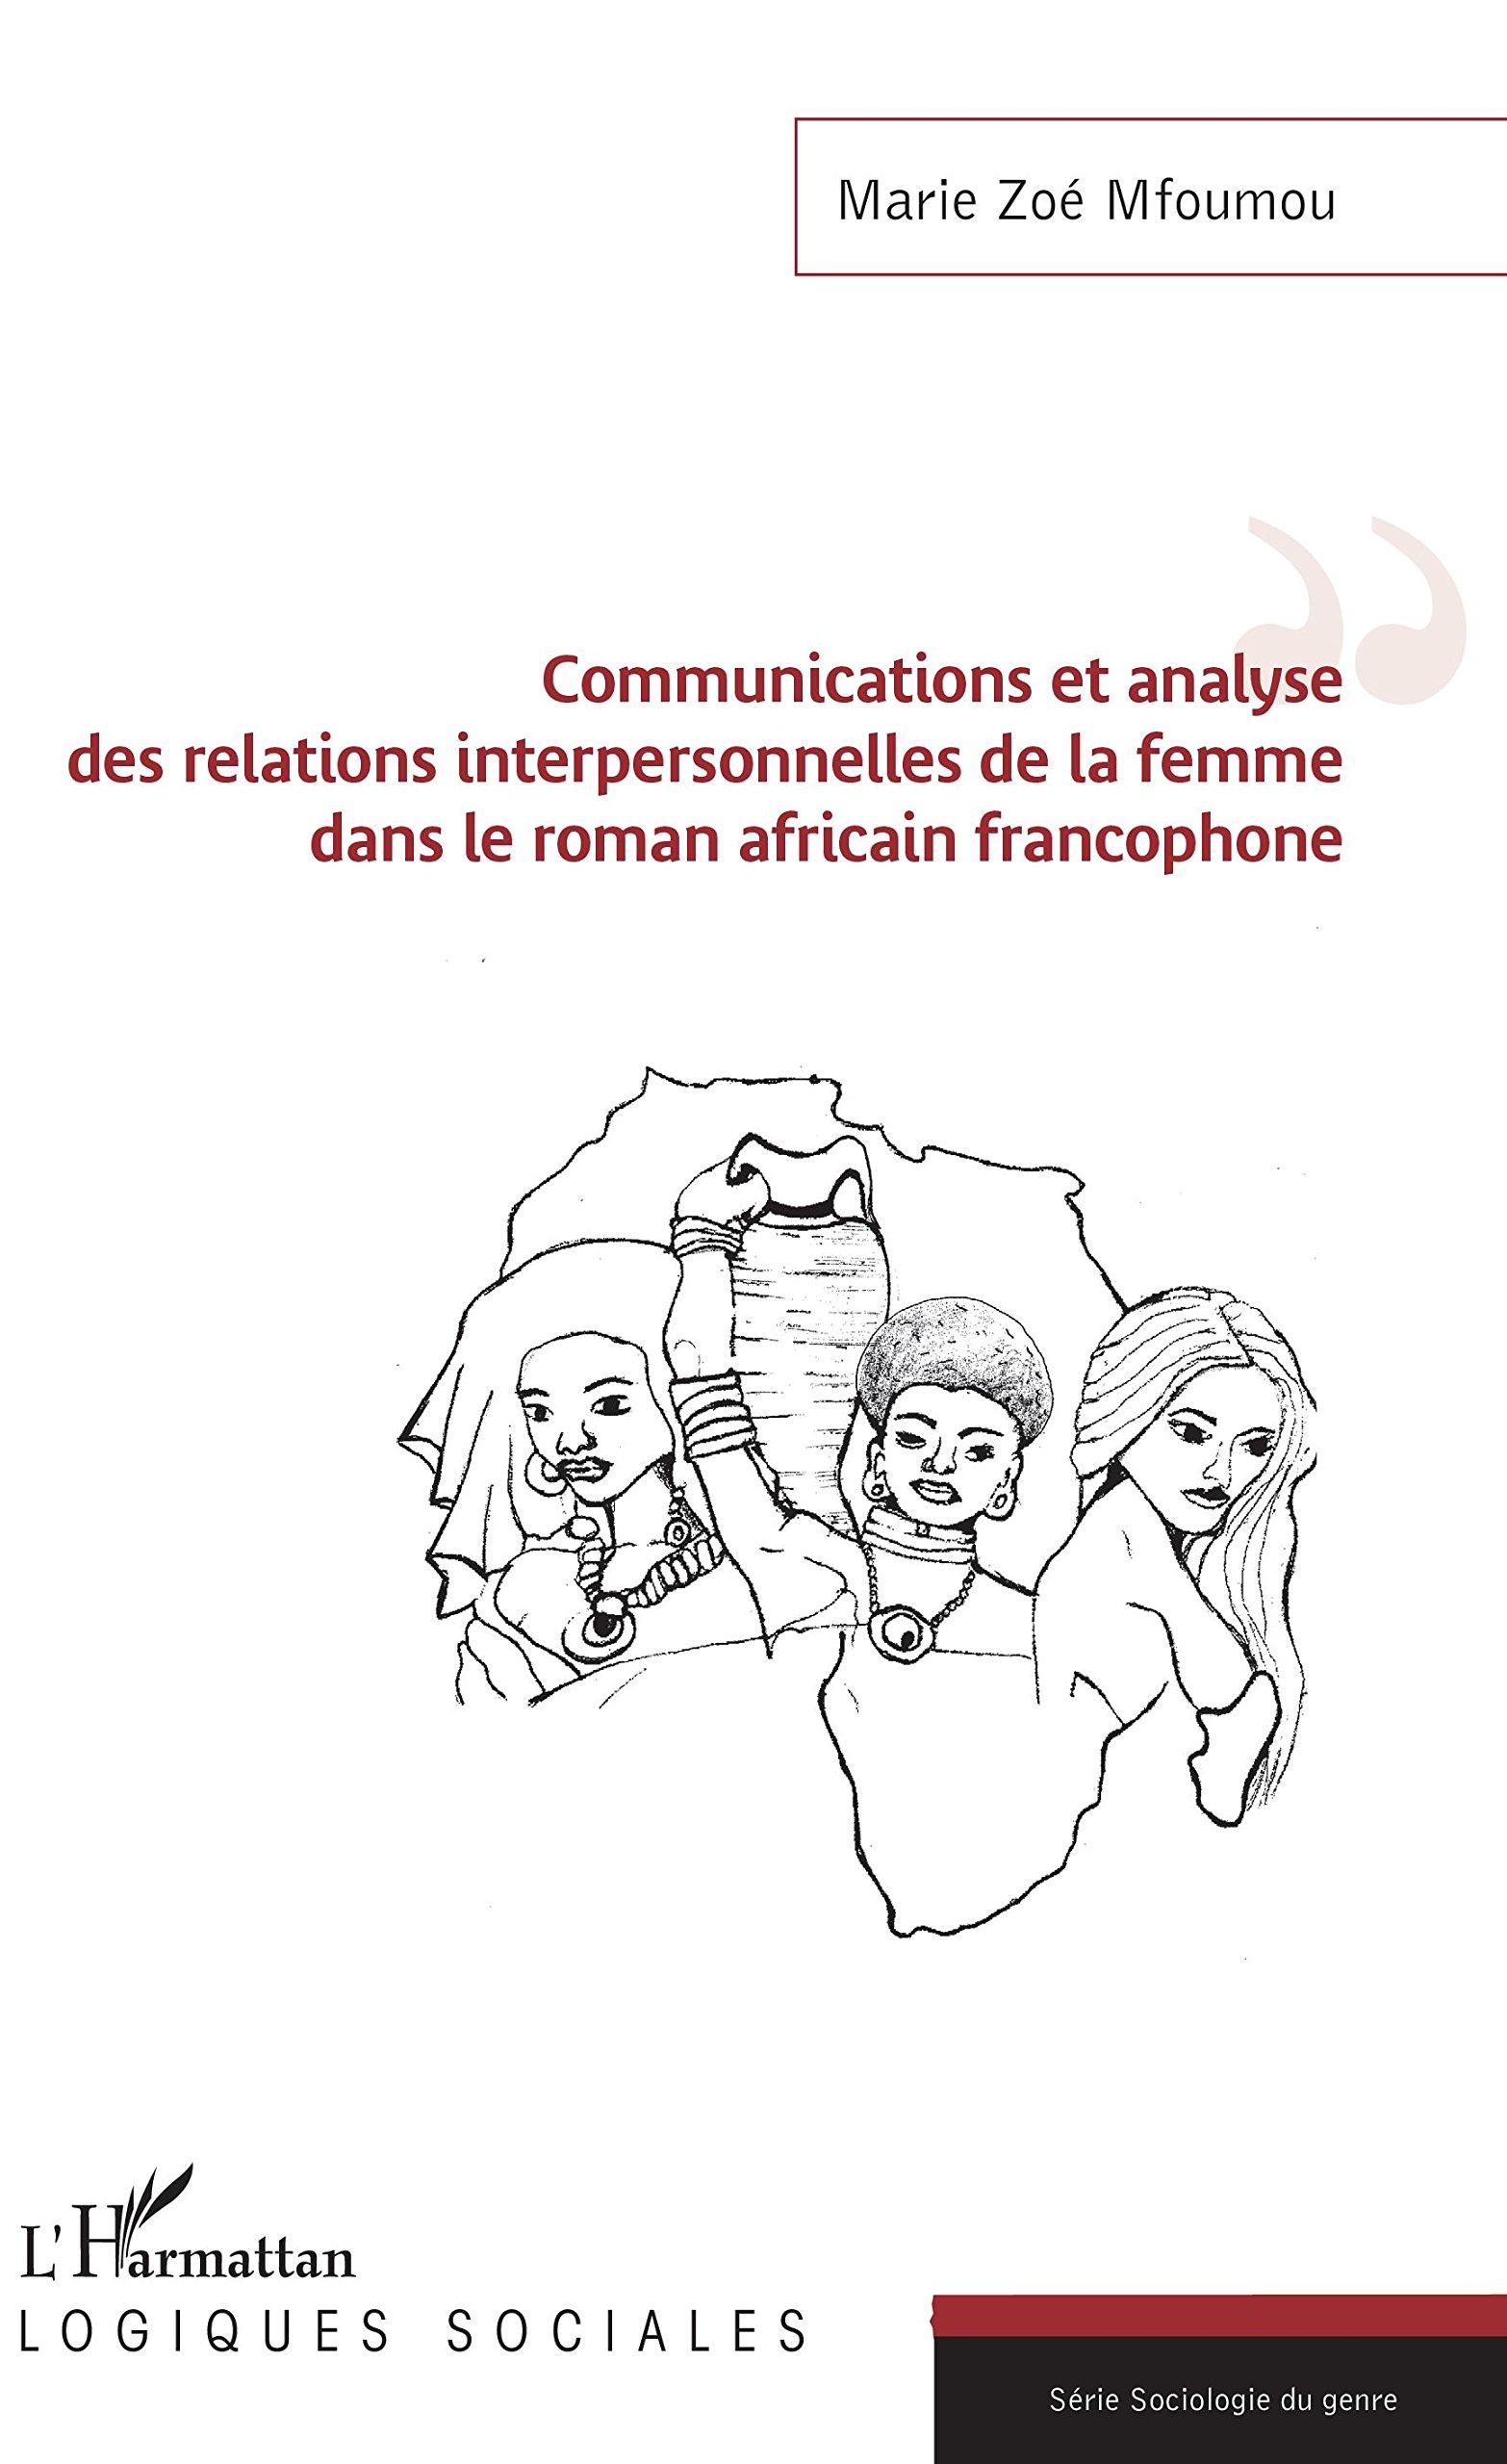 Communications et analyse des relations interpersonnelles de la femme dans le roman africain francophone (French Edition) PDF